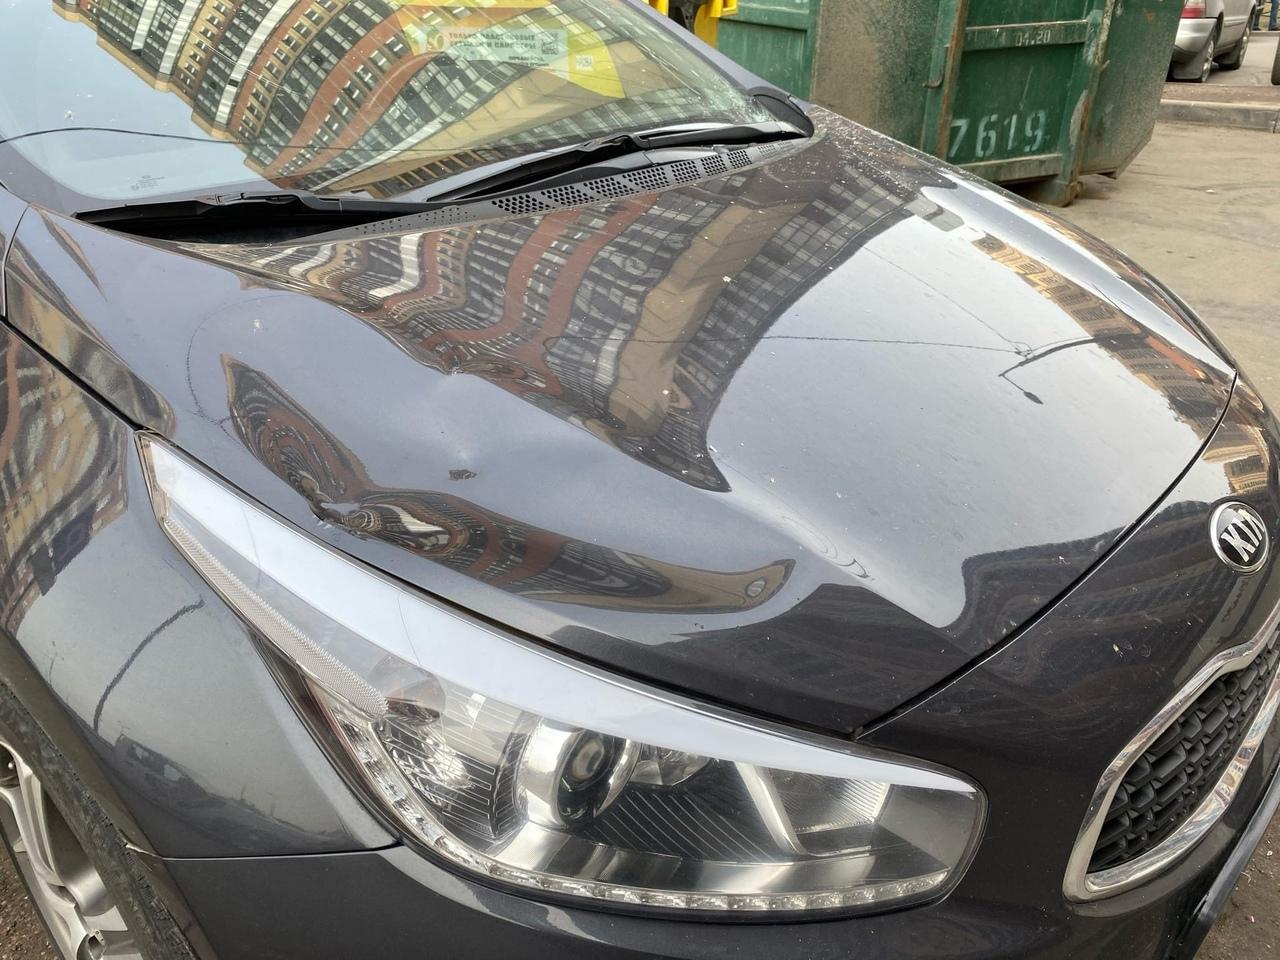 Сегодня утром, разбили машину во дворе на парковке по адресу Валерия Гаврилина д. 13к1. Предположите...